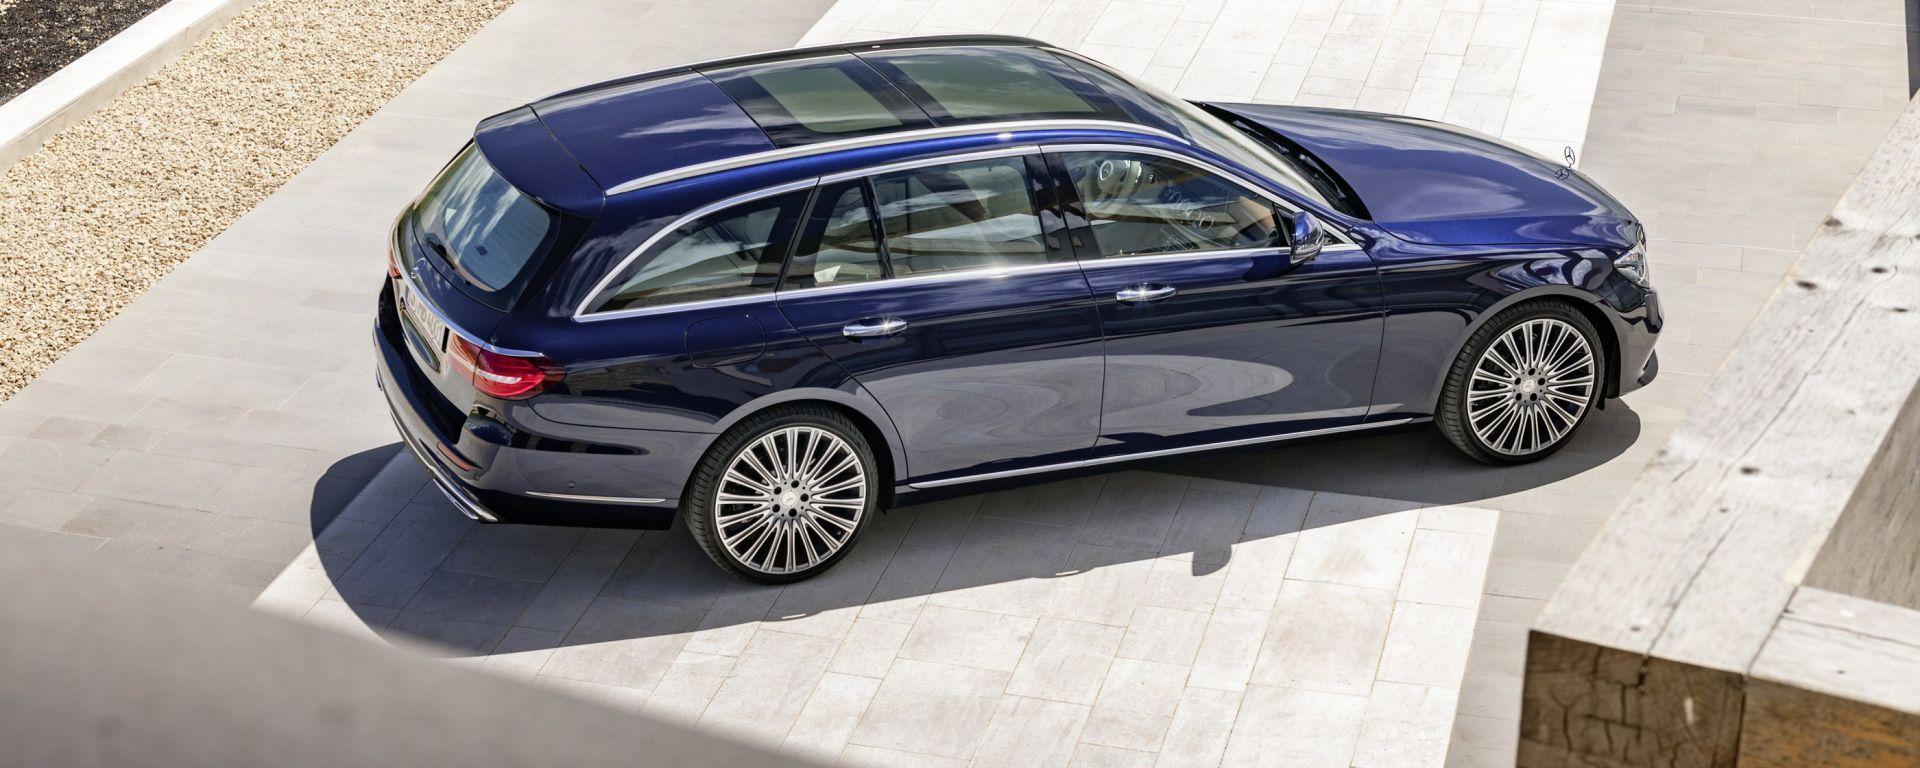 Mercedes Classe E Station Wagon: spazio, lusso e tecnologia